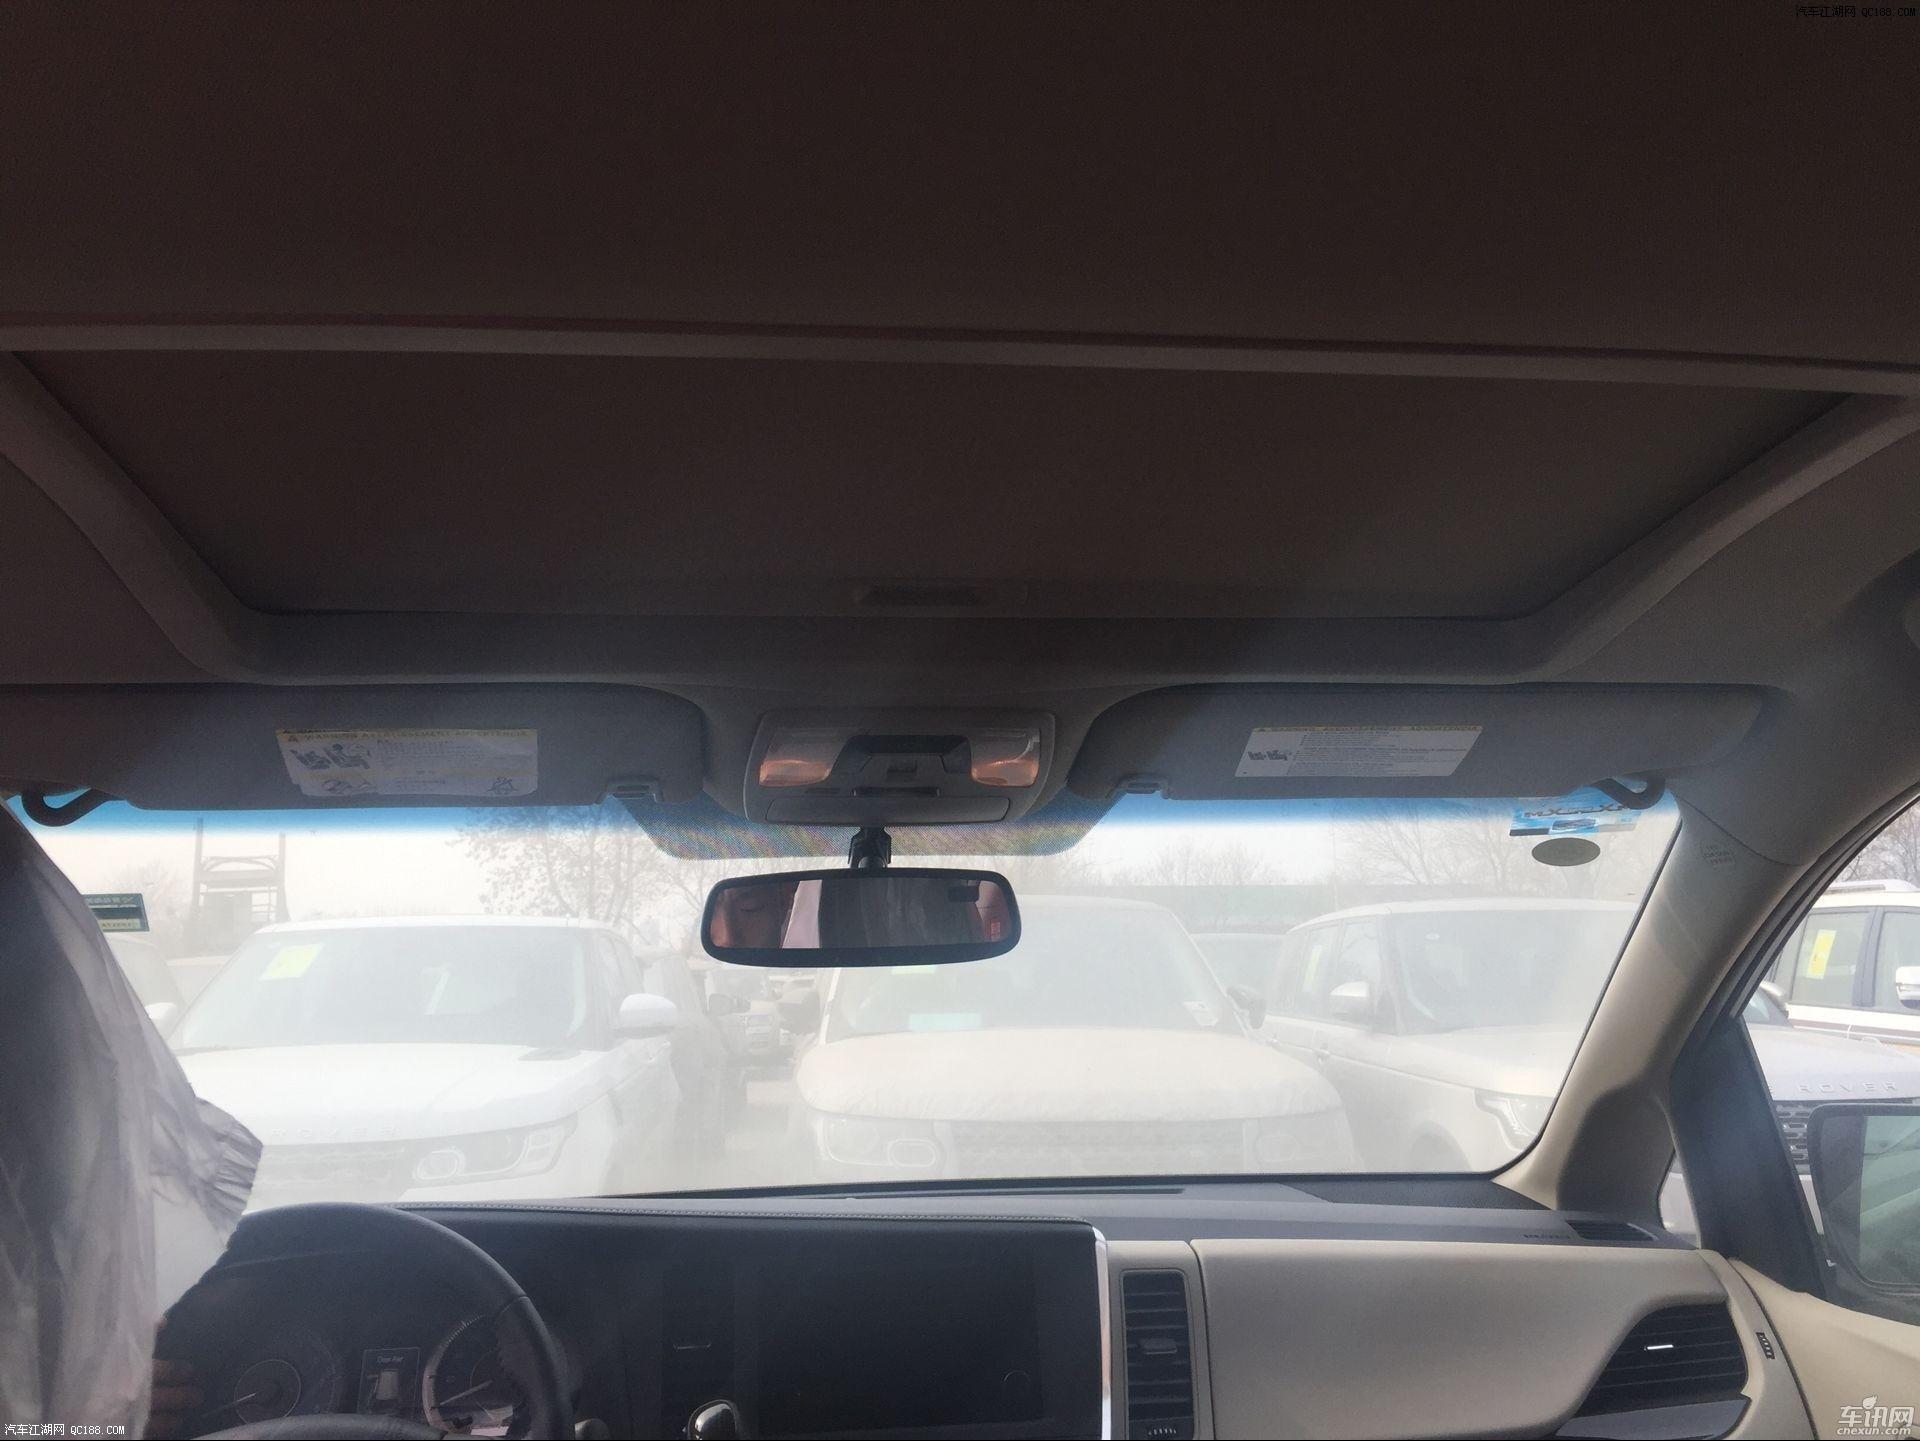 塞纳尾部配备了4颗倒车雷达探头,确保这个大家伙的倒车安全性.